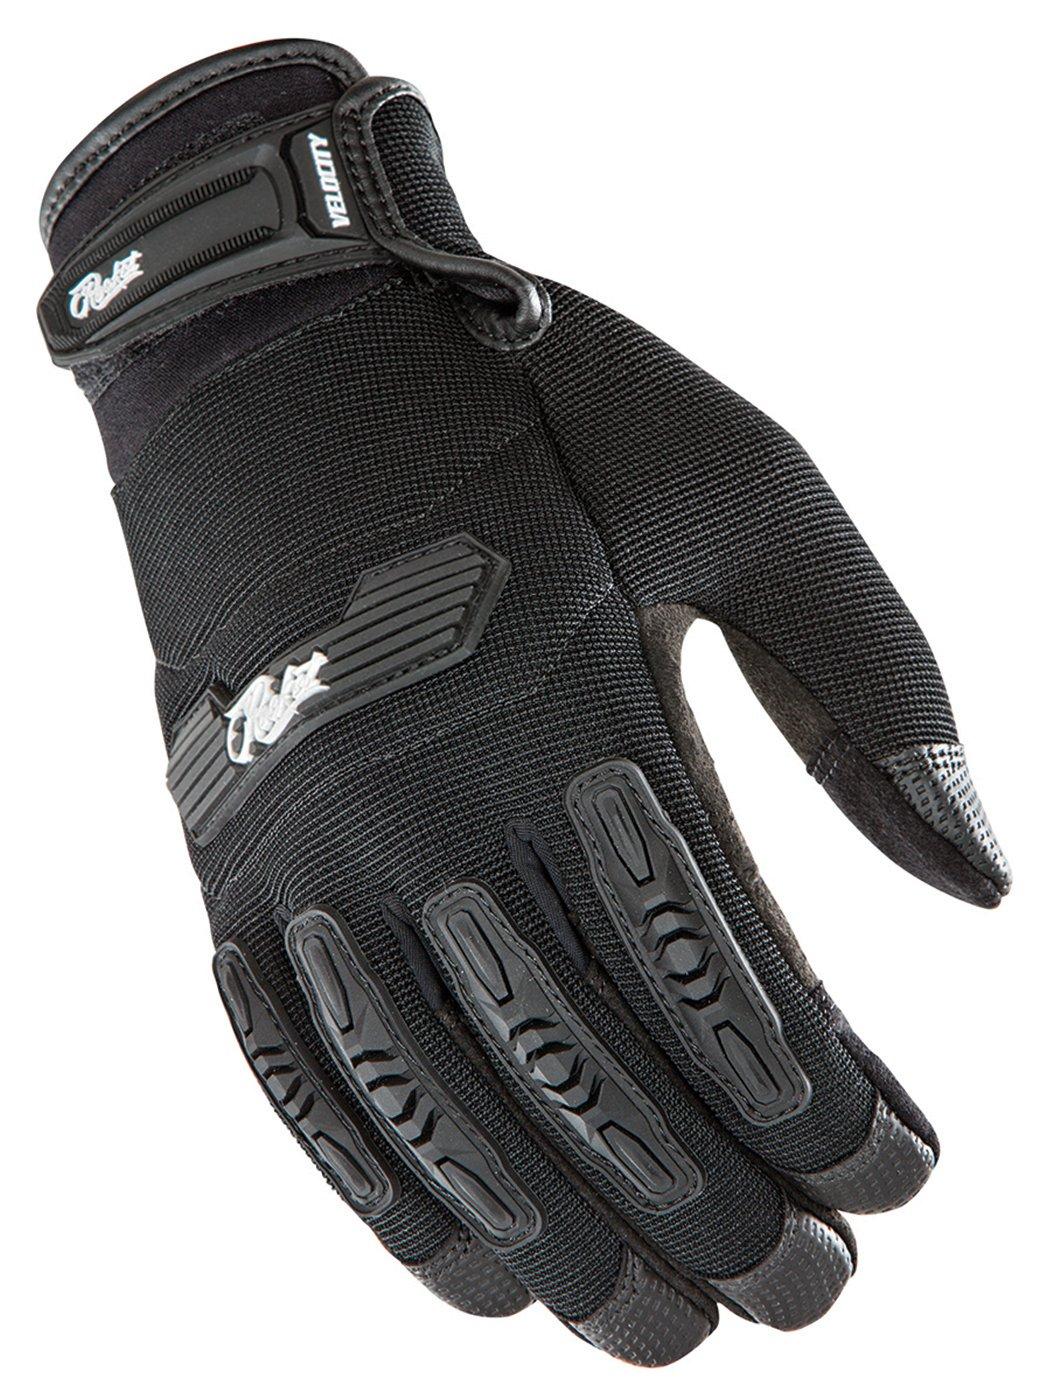 Joe Rocket Women's Velocity 2.0 Gloves (Black, Medium)